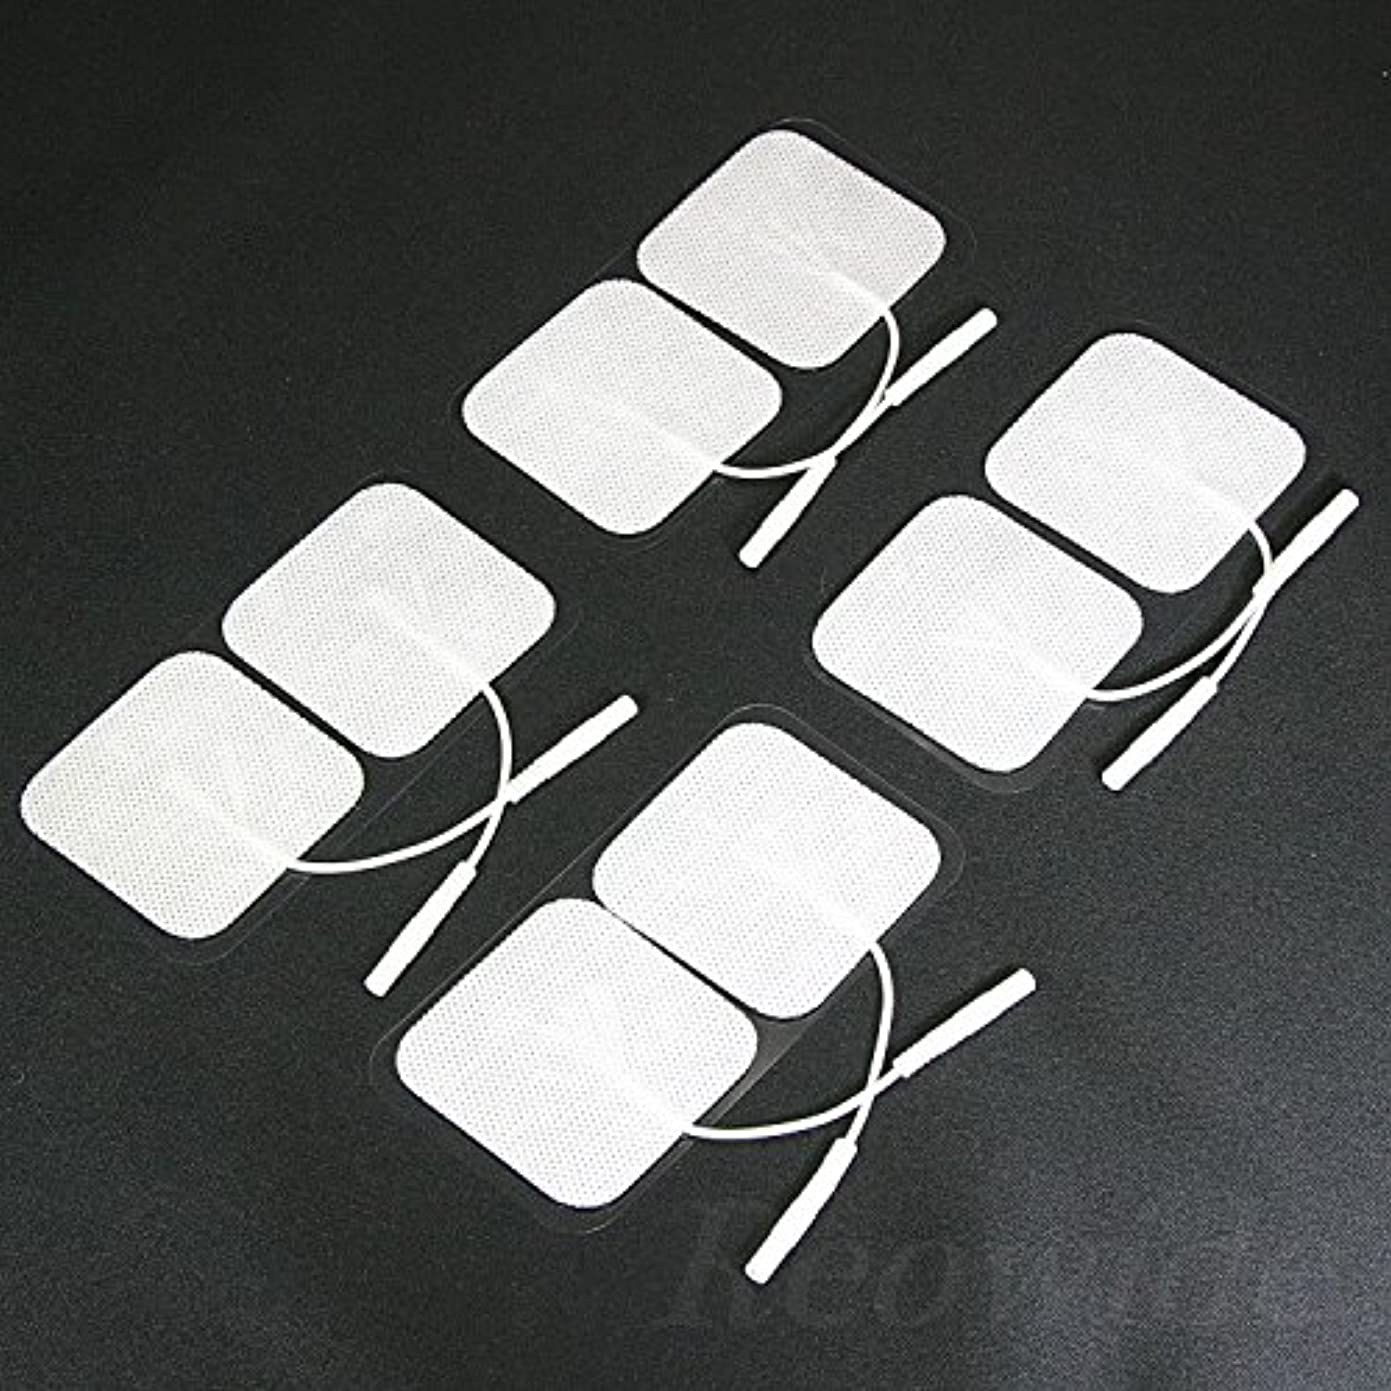 魂キャンベラネコ交換用 低周波導子 型番:KP-8 4枚組 8枚入